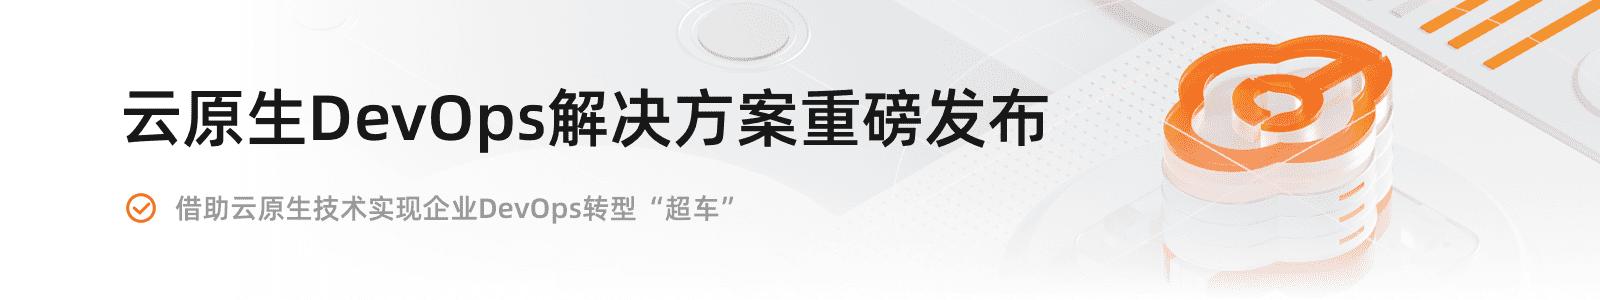 阿里云新品发布会第110期:云原生DevOps解决方案发布会